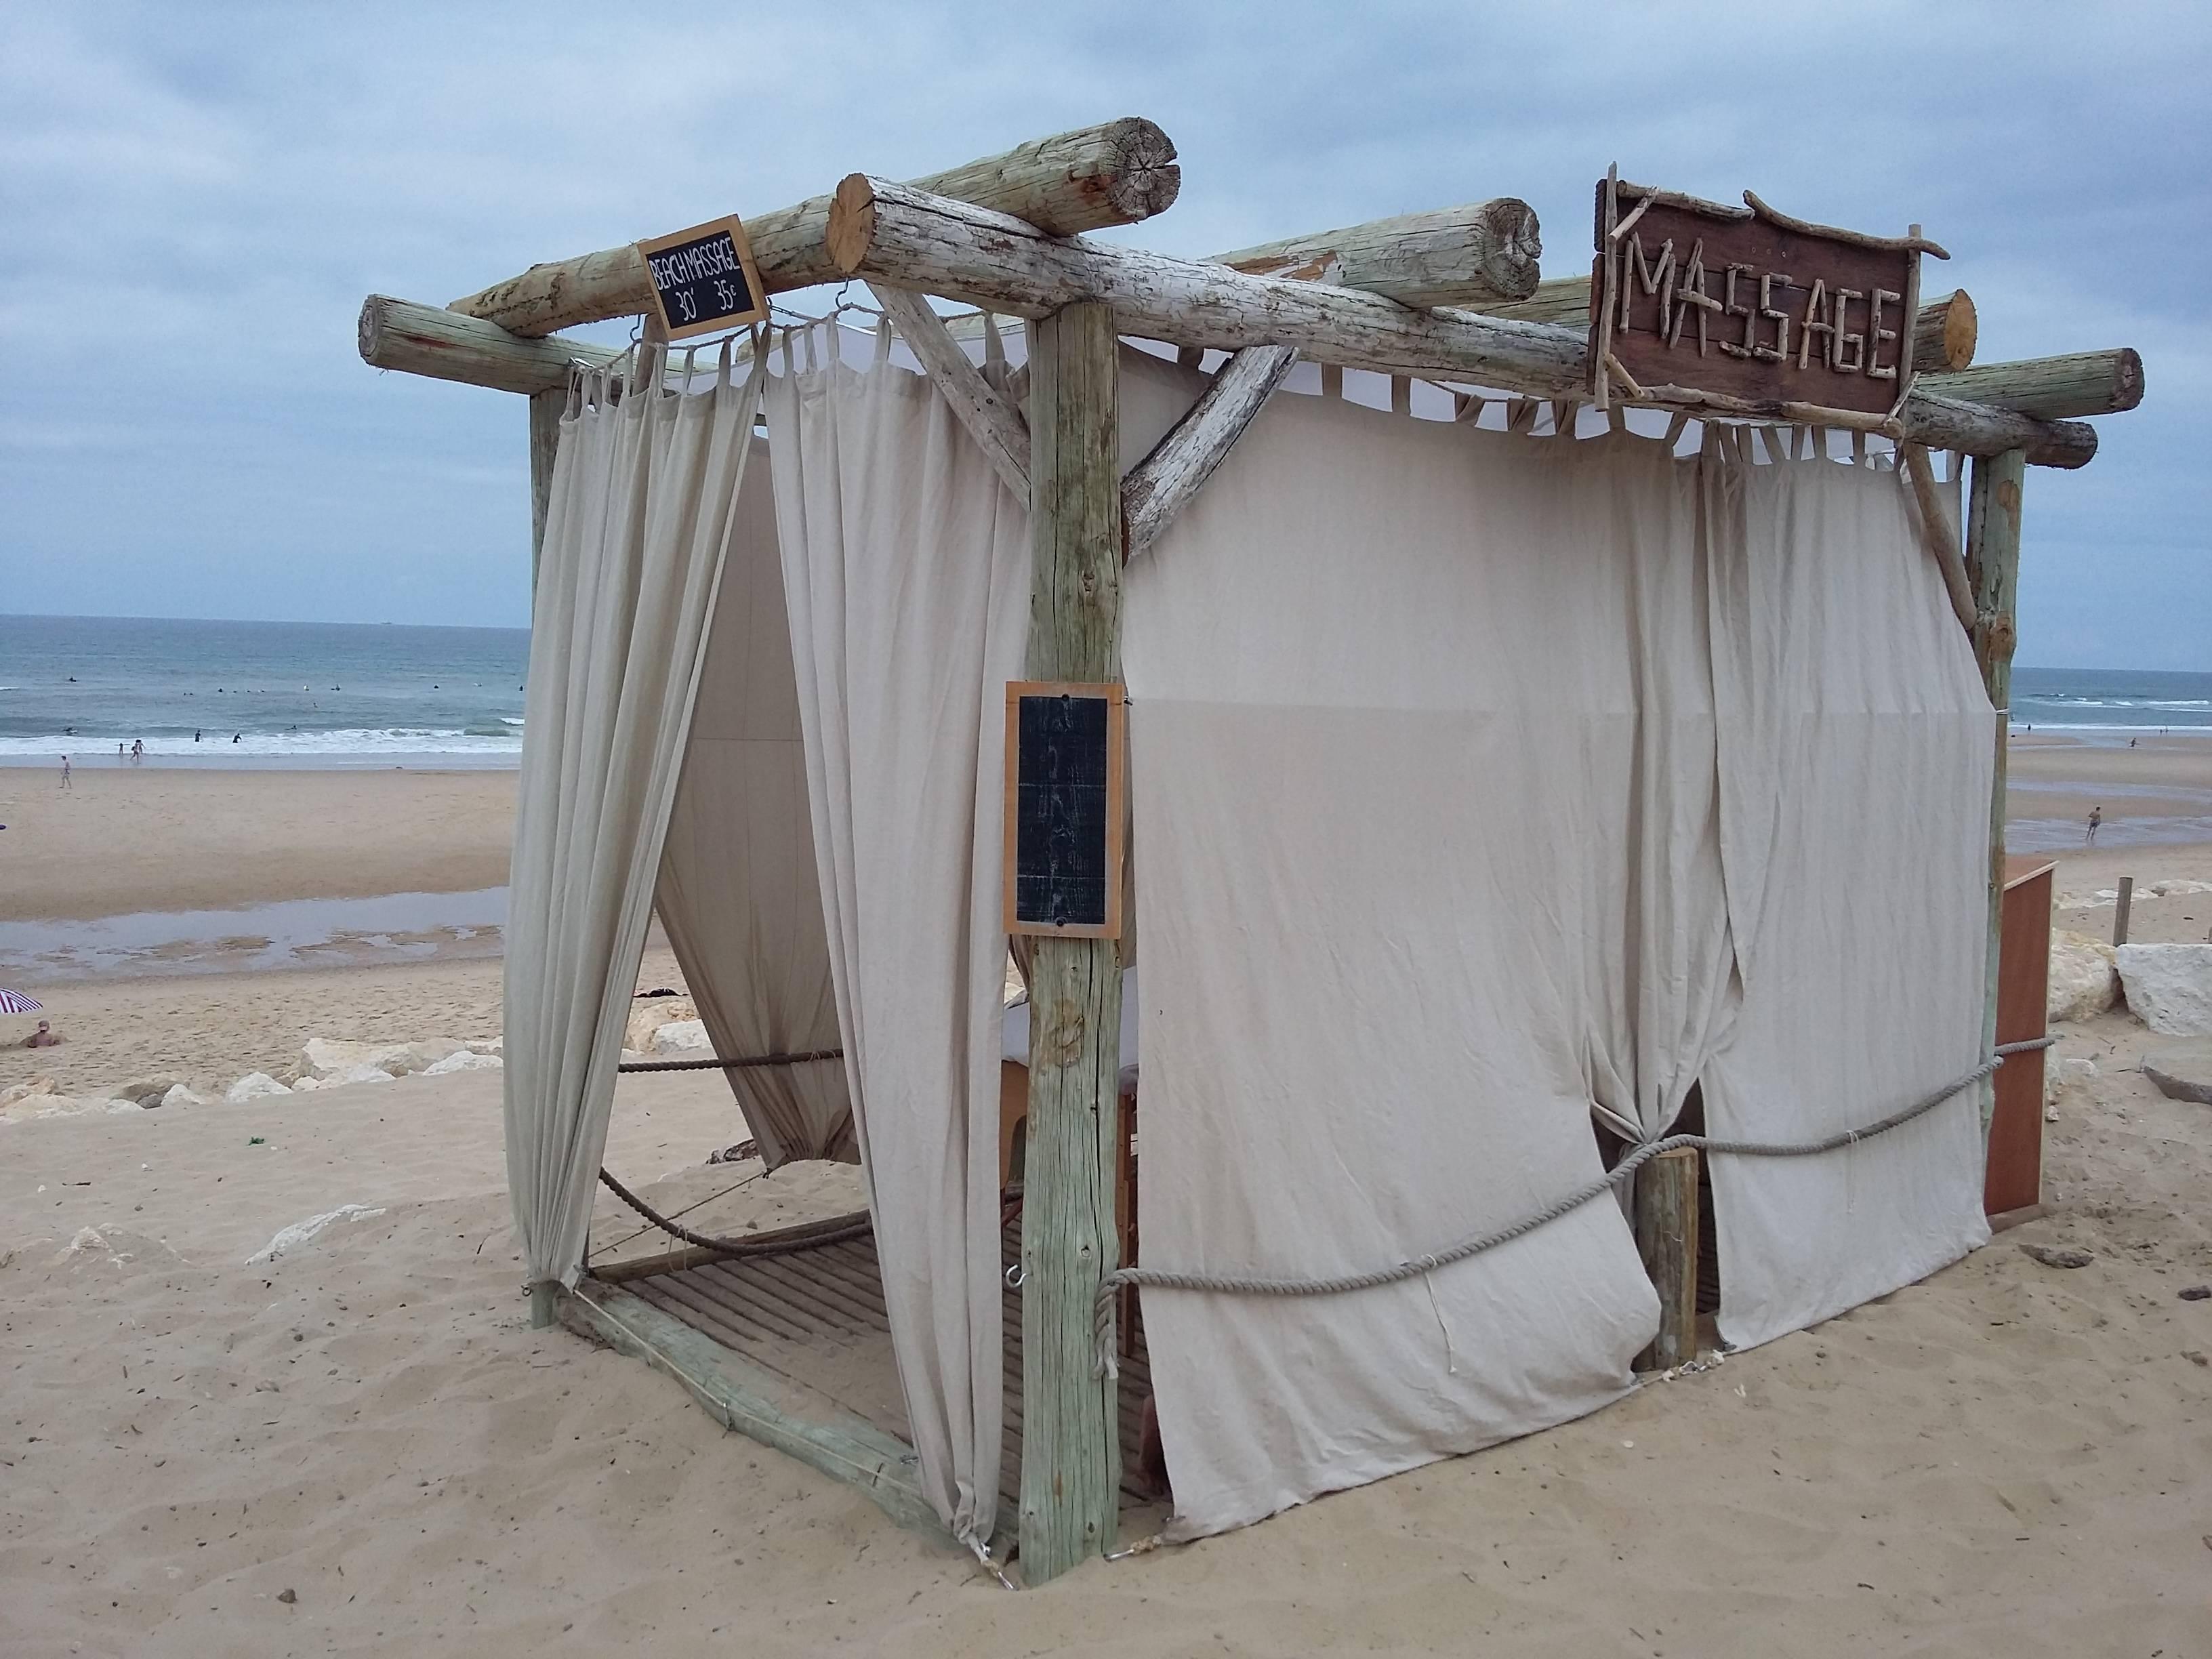 Photo 1: Massage face à l'océan à Lacanau